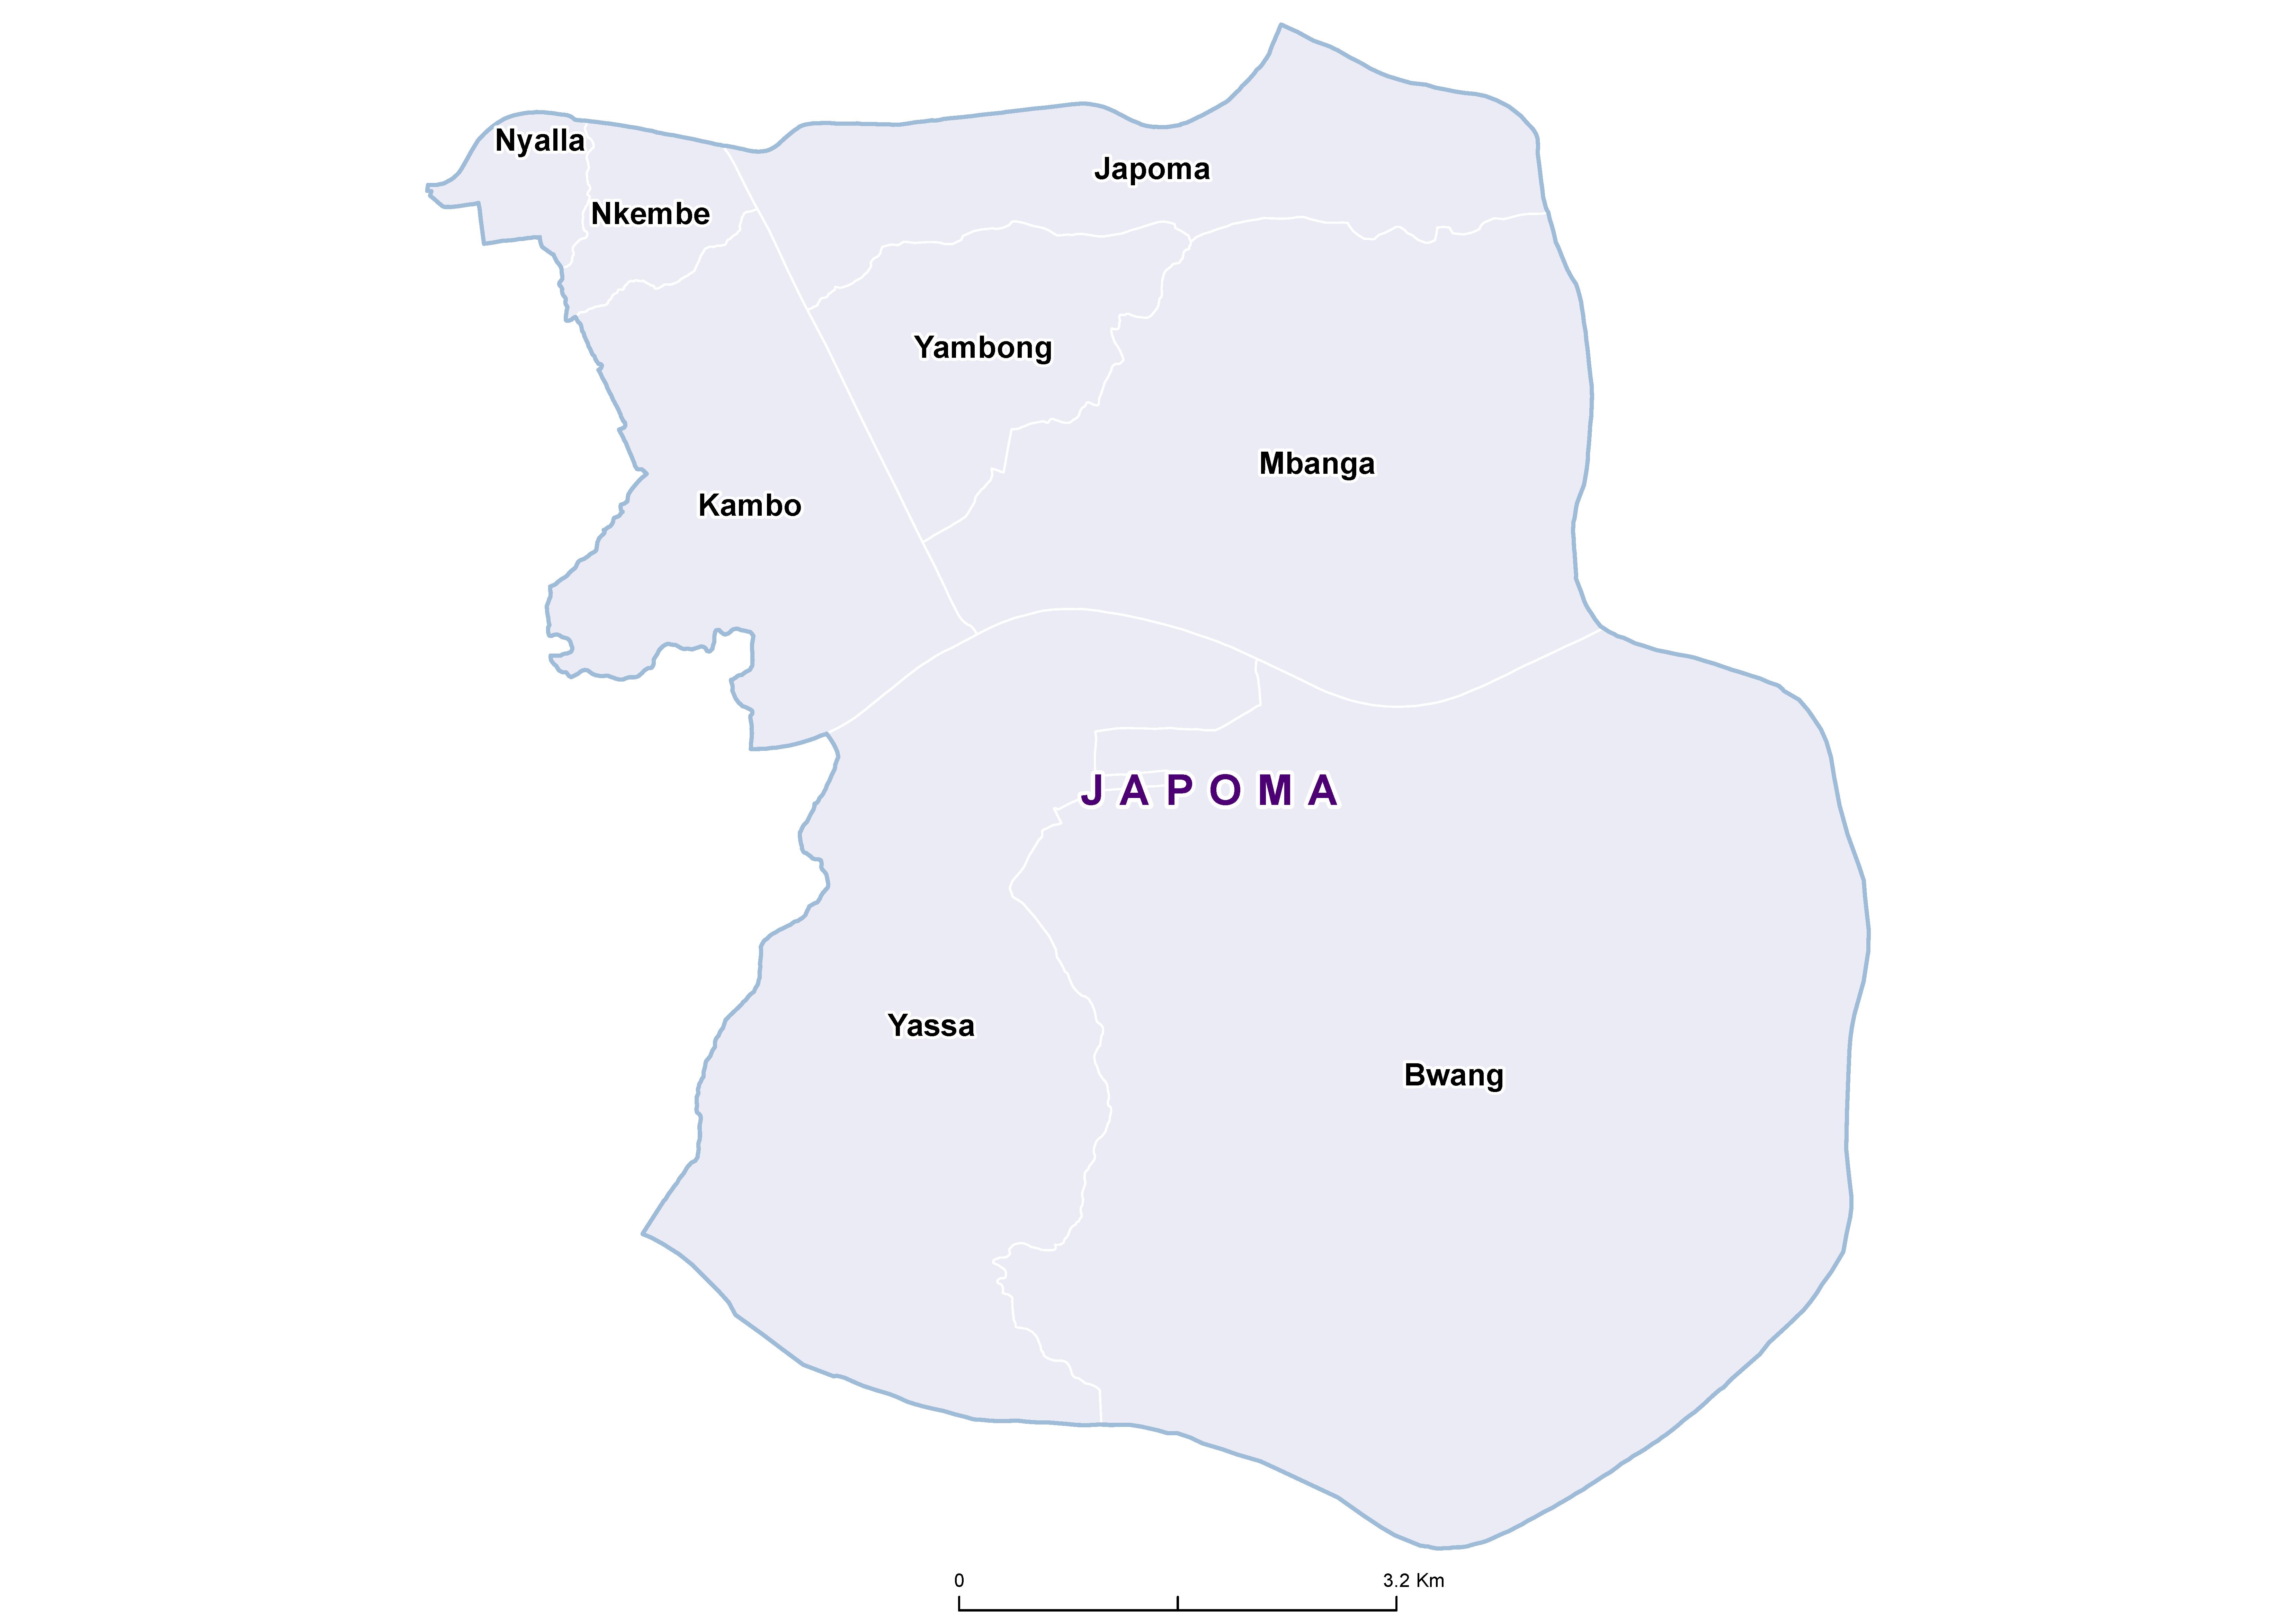 Japoma SCH 20180001